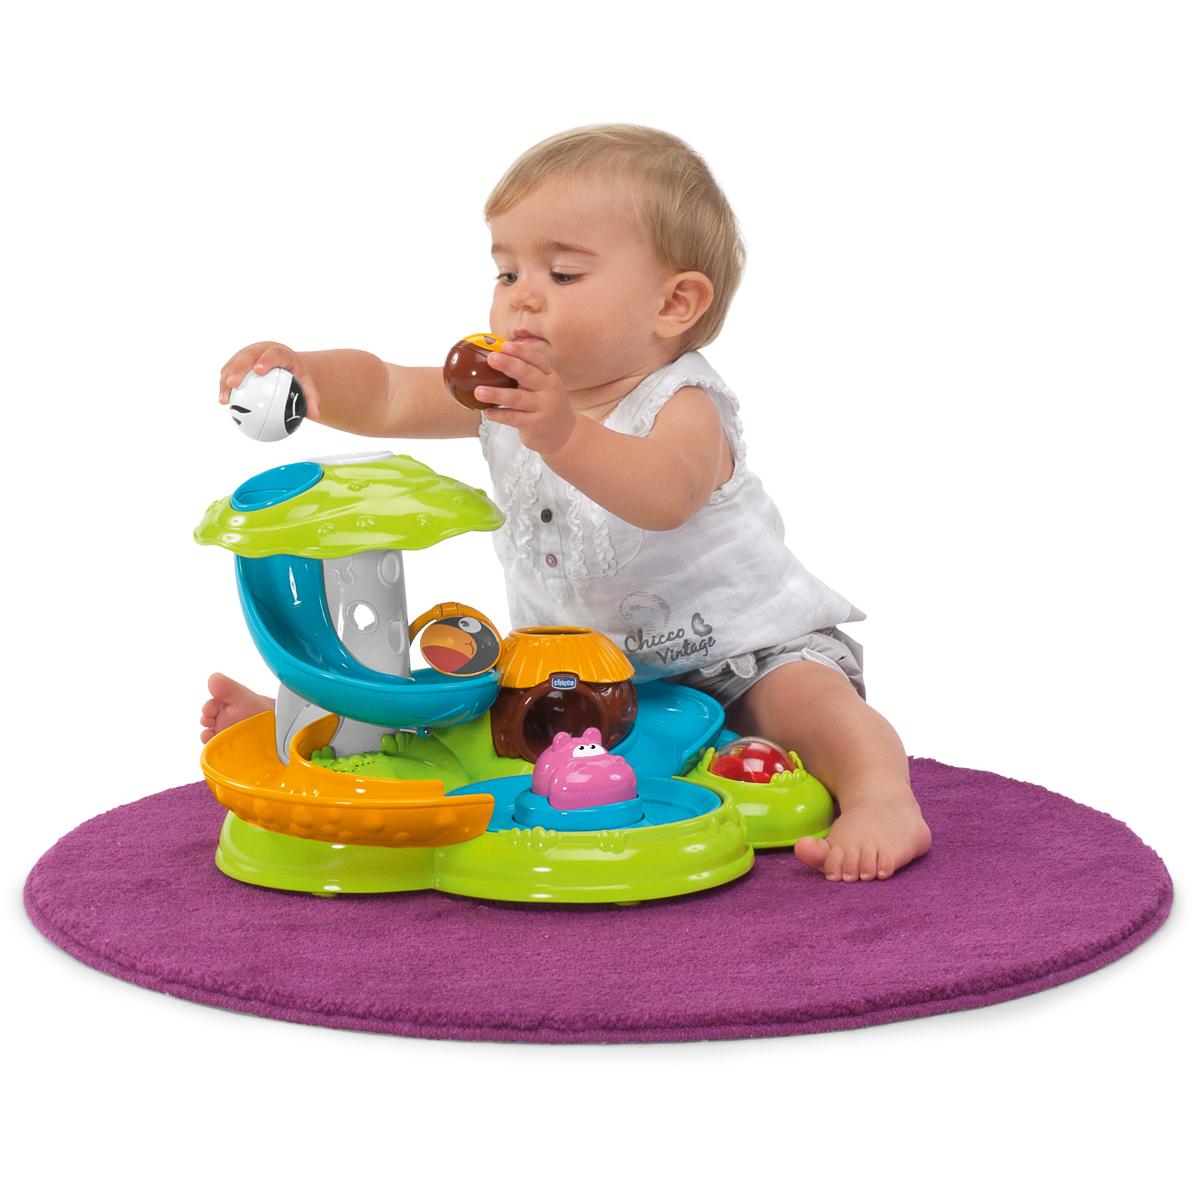 словами, какие развивающие игрушки нужны ребенку в 8 месяцев стирают